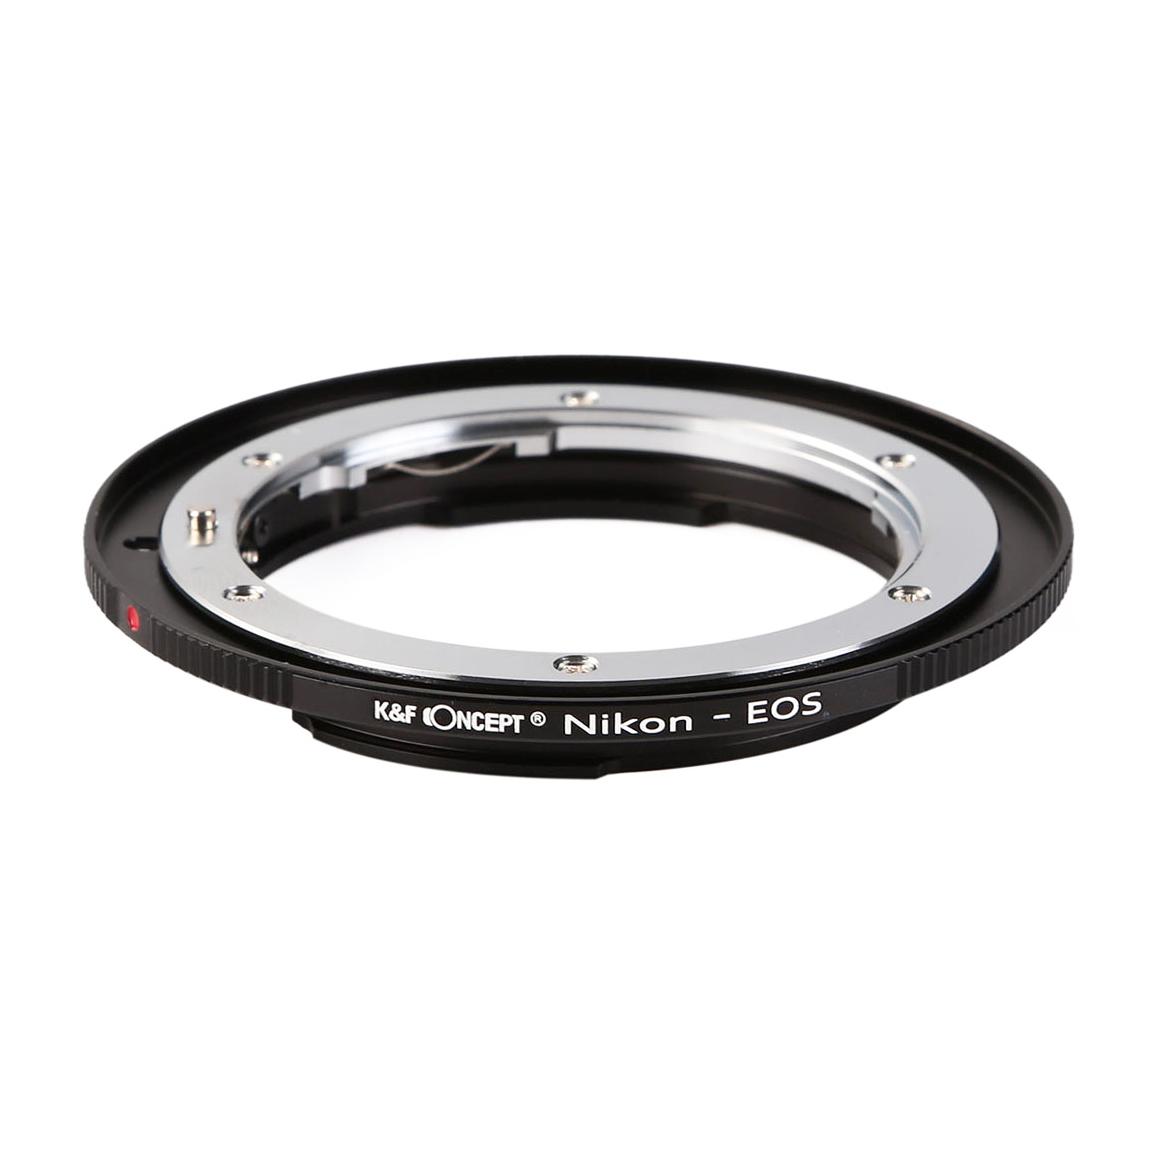 KF CONCEPT 予約販売品 Concept 在庫一掃 レンズマウントアダプター キャノンEFマウント変換 → ニコンFマウントレンズ KF-NFEF